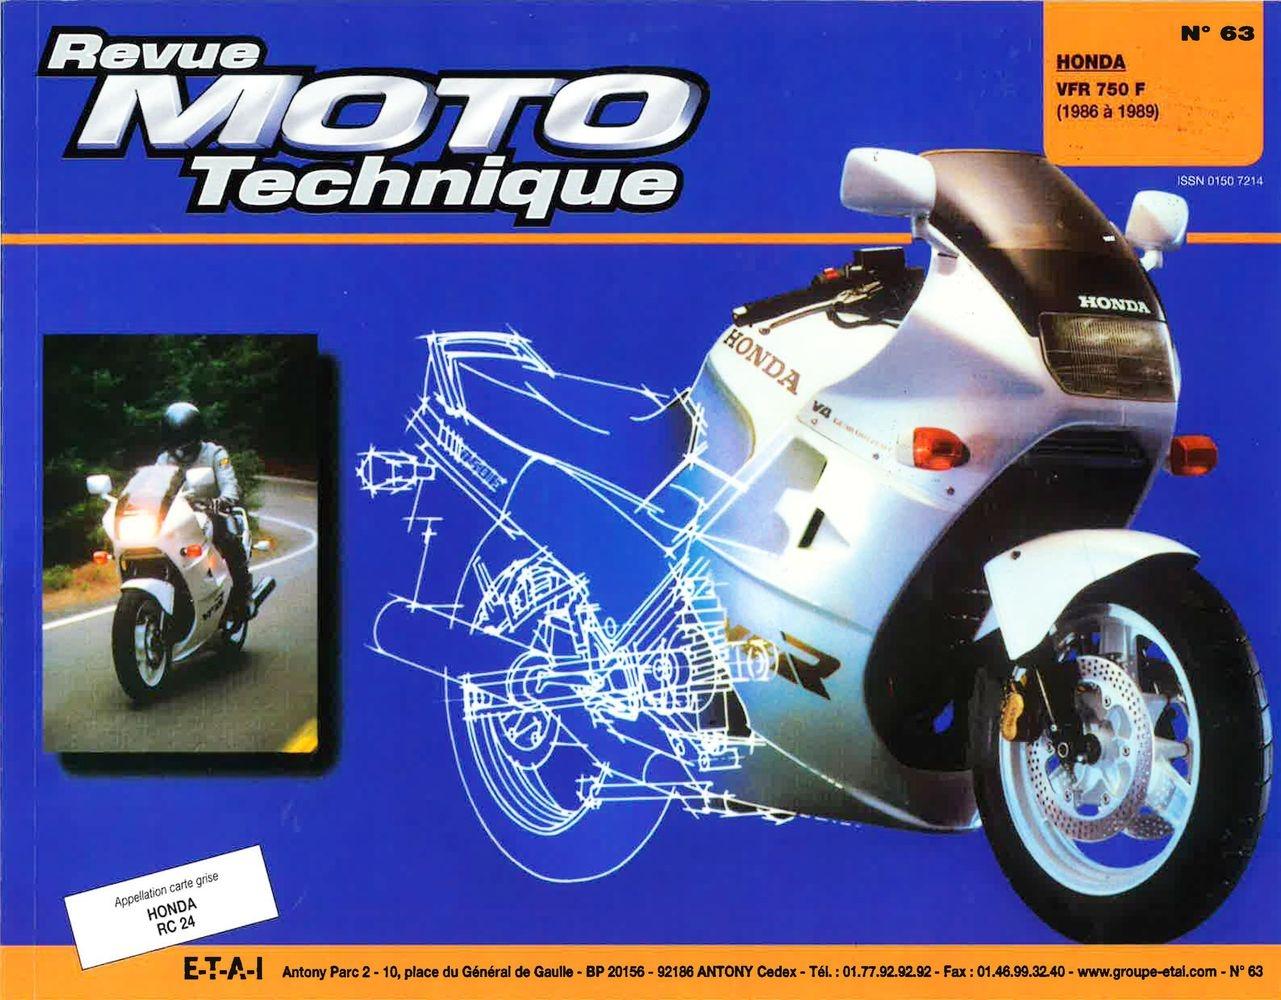 Revue Moto Technique 63.2 Honda VFR 750 F 86-88